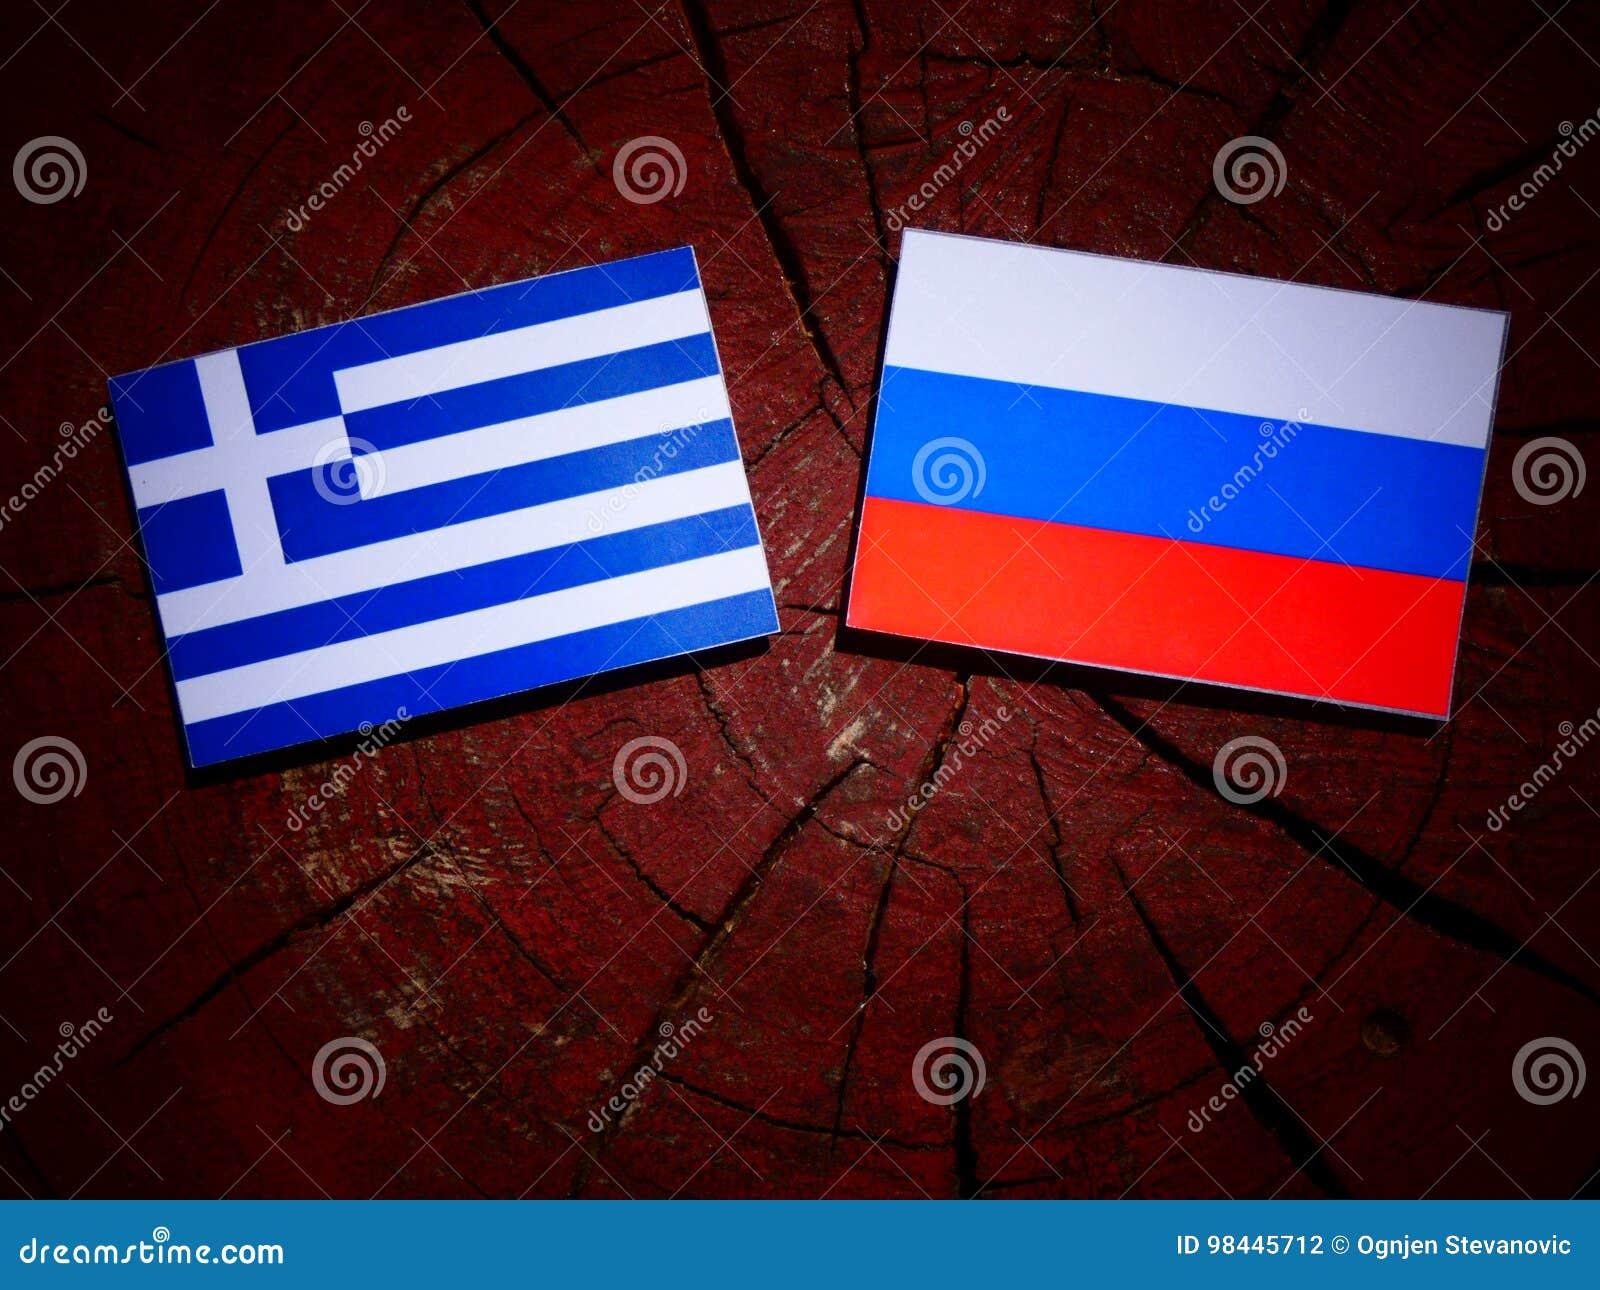 Griekse vlag met Russische vlag op een boomstomp